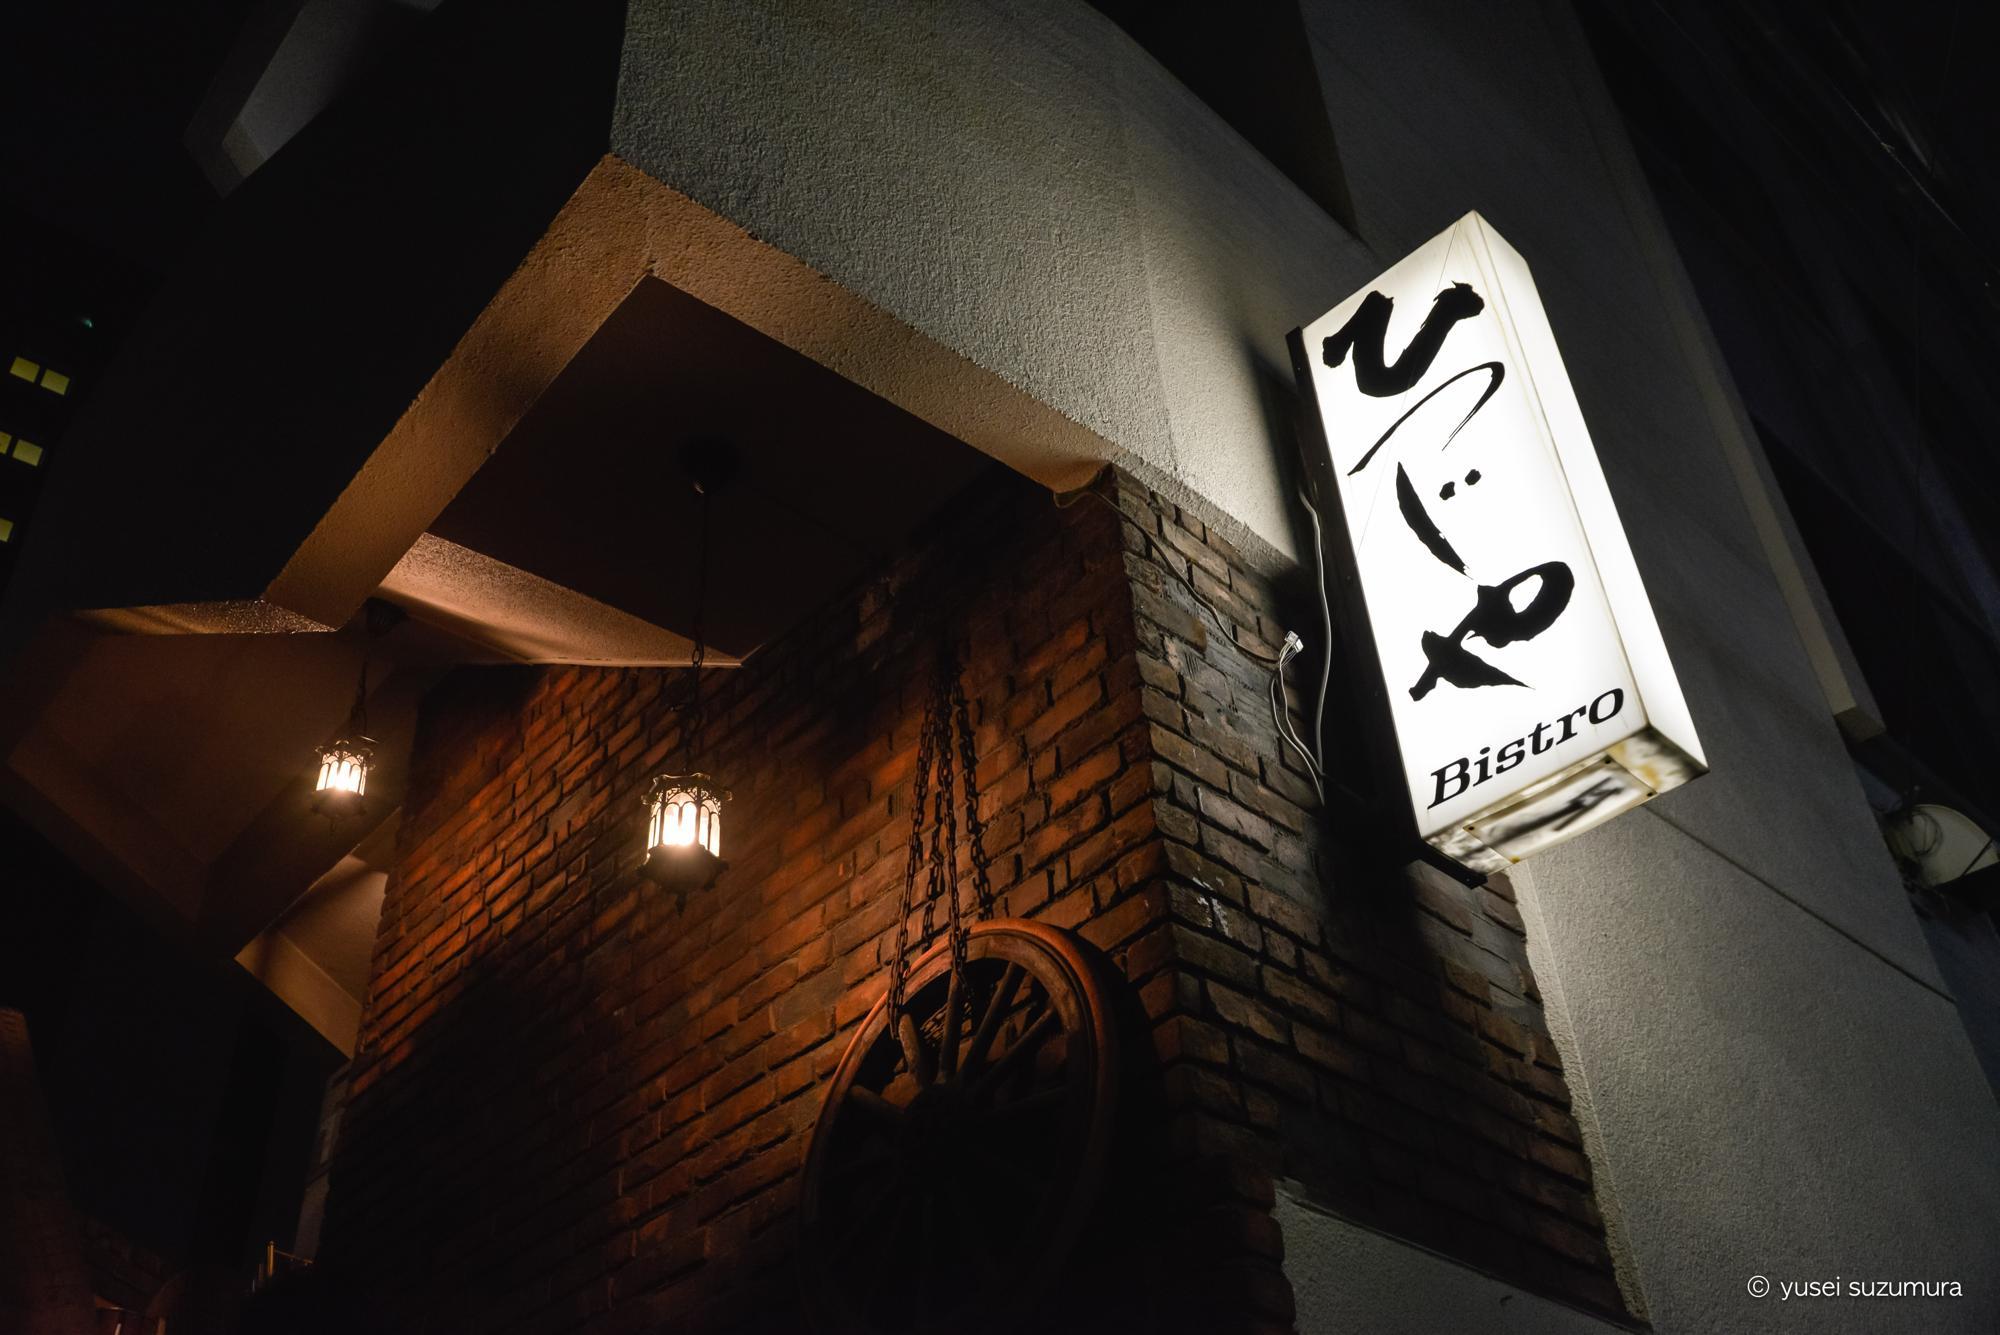 アルコールがほぼ原価な飲食店「ひつじや」に行ってみた。